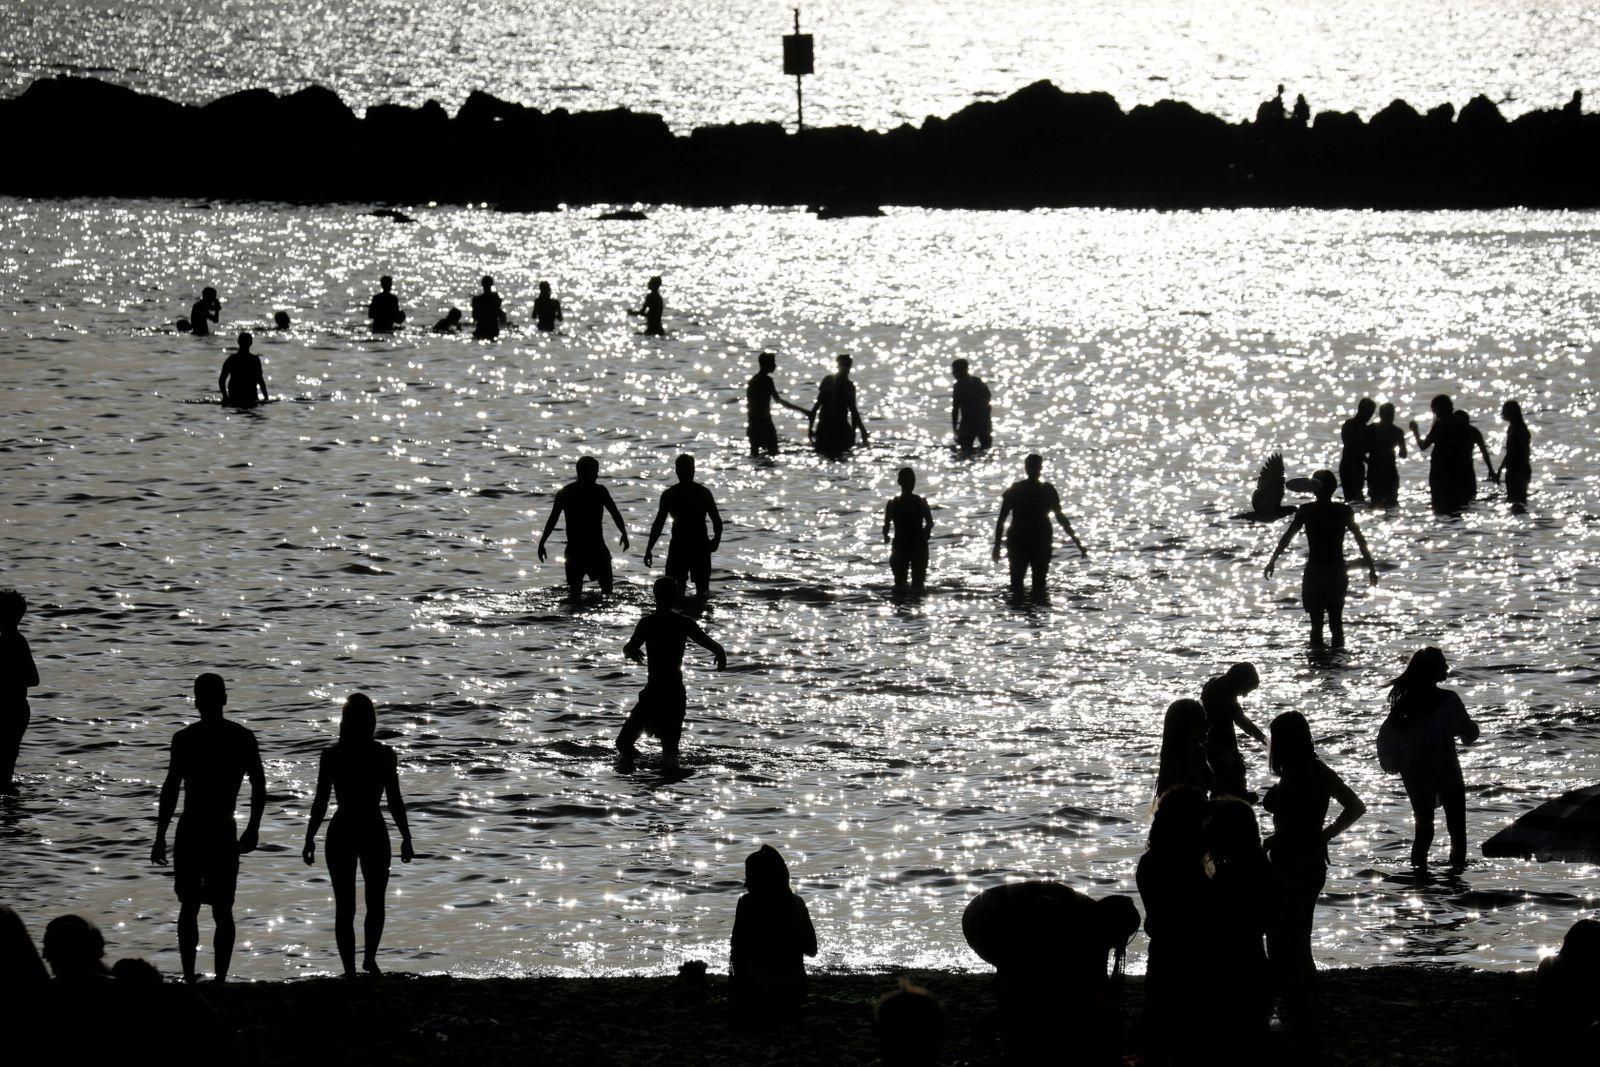 Israelis bathe in the water of the Mediterranean sea in Tel Aviv as coronavirus disease (COVID-19) restrictions ease in Israel